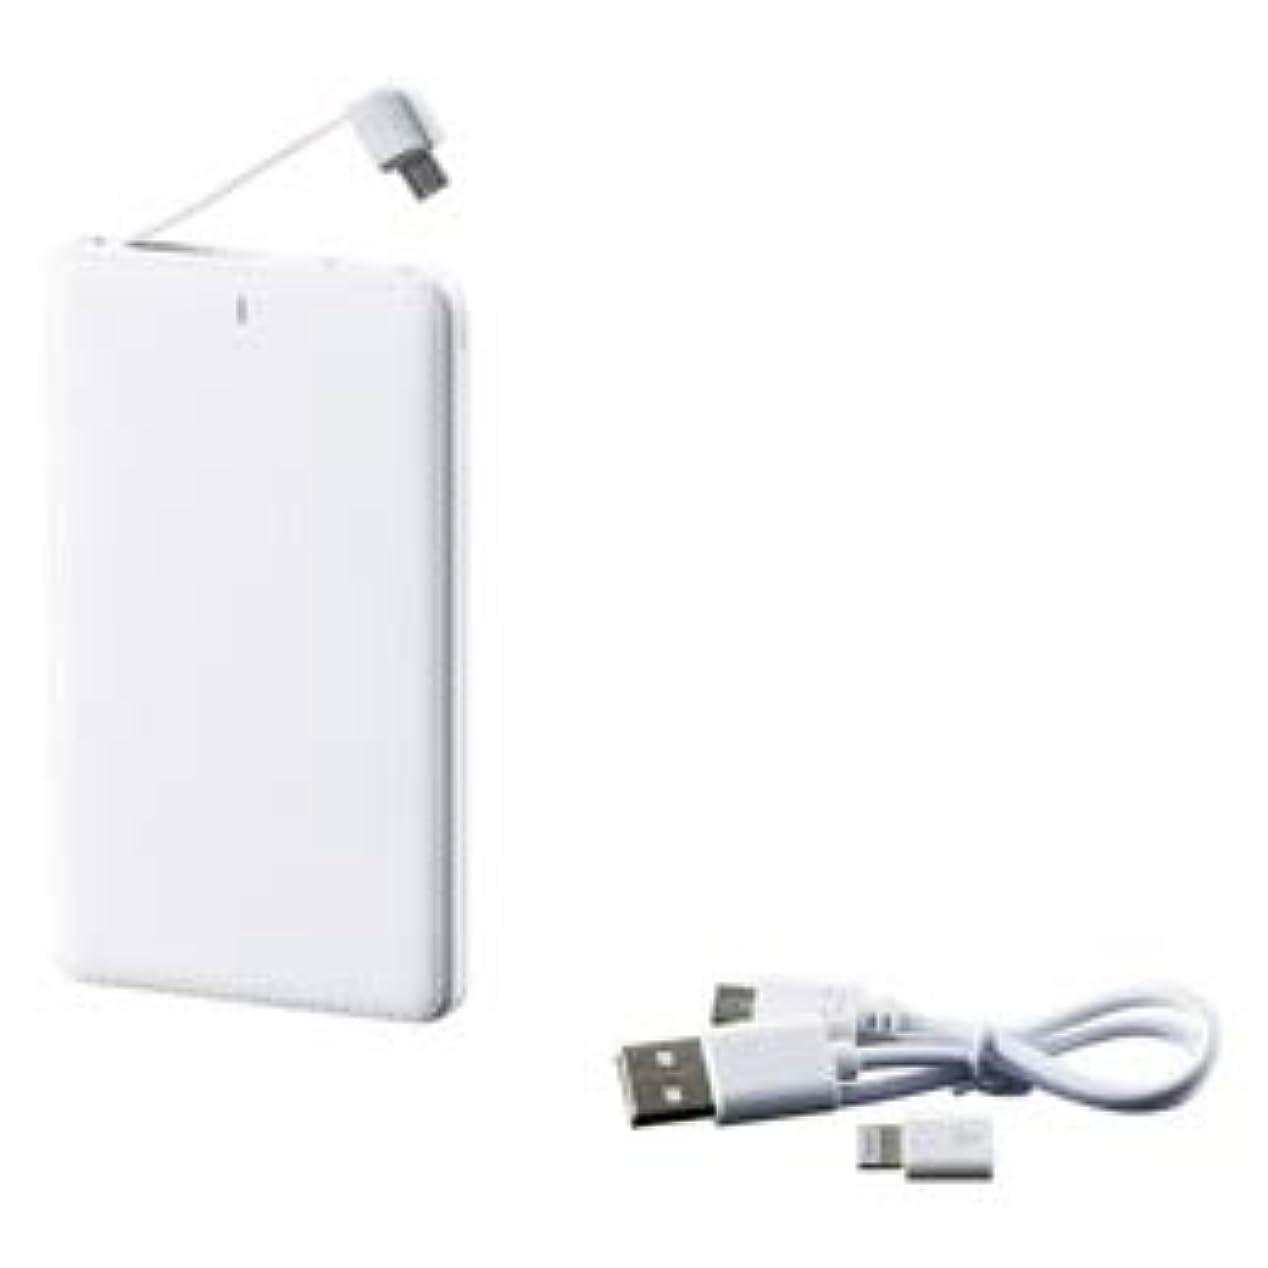 フレット晩餐不適当【まとめ 4セット】 モバイルバッテリー(5000mAh) M80212824